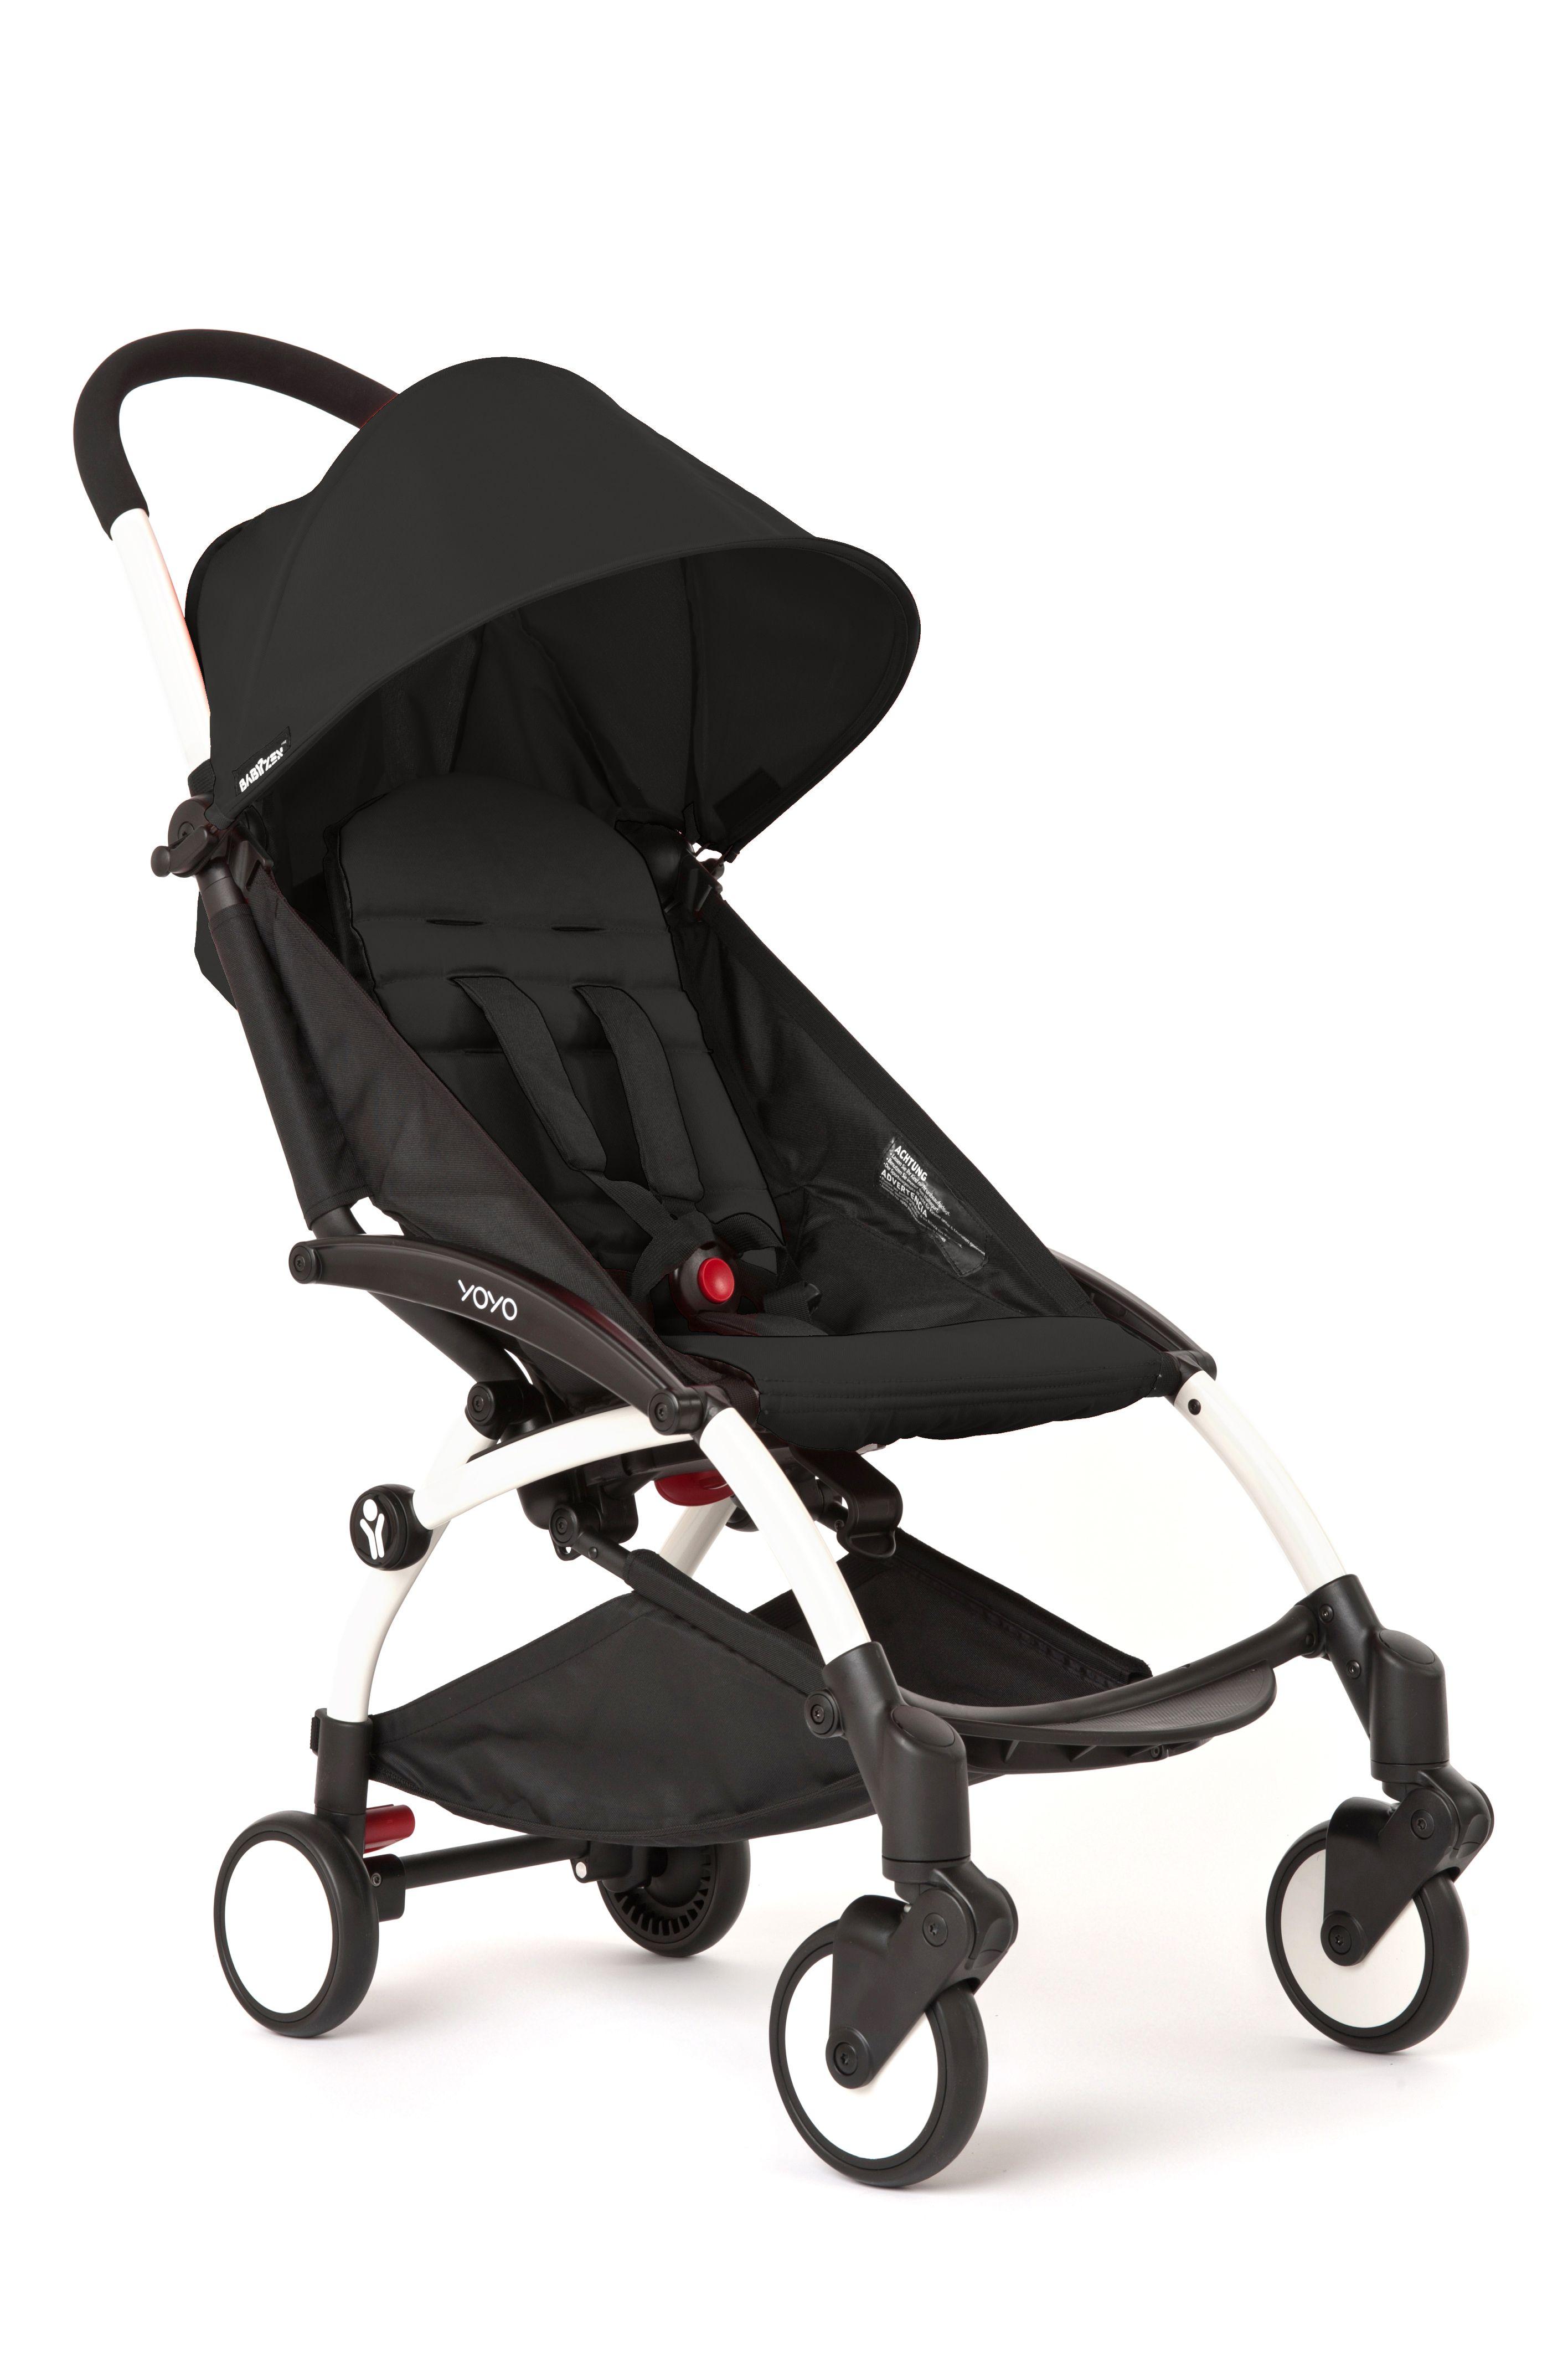 White / black Yoyo stroller, Babyzen, Babyzen yoyo